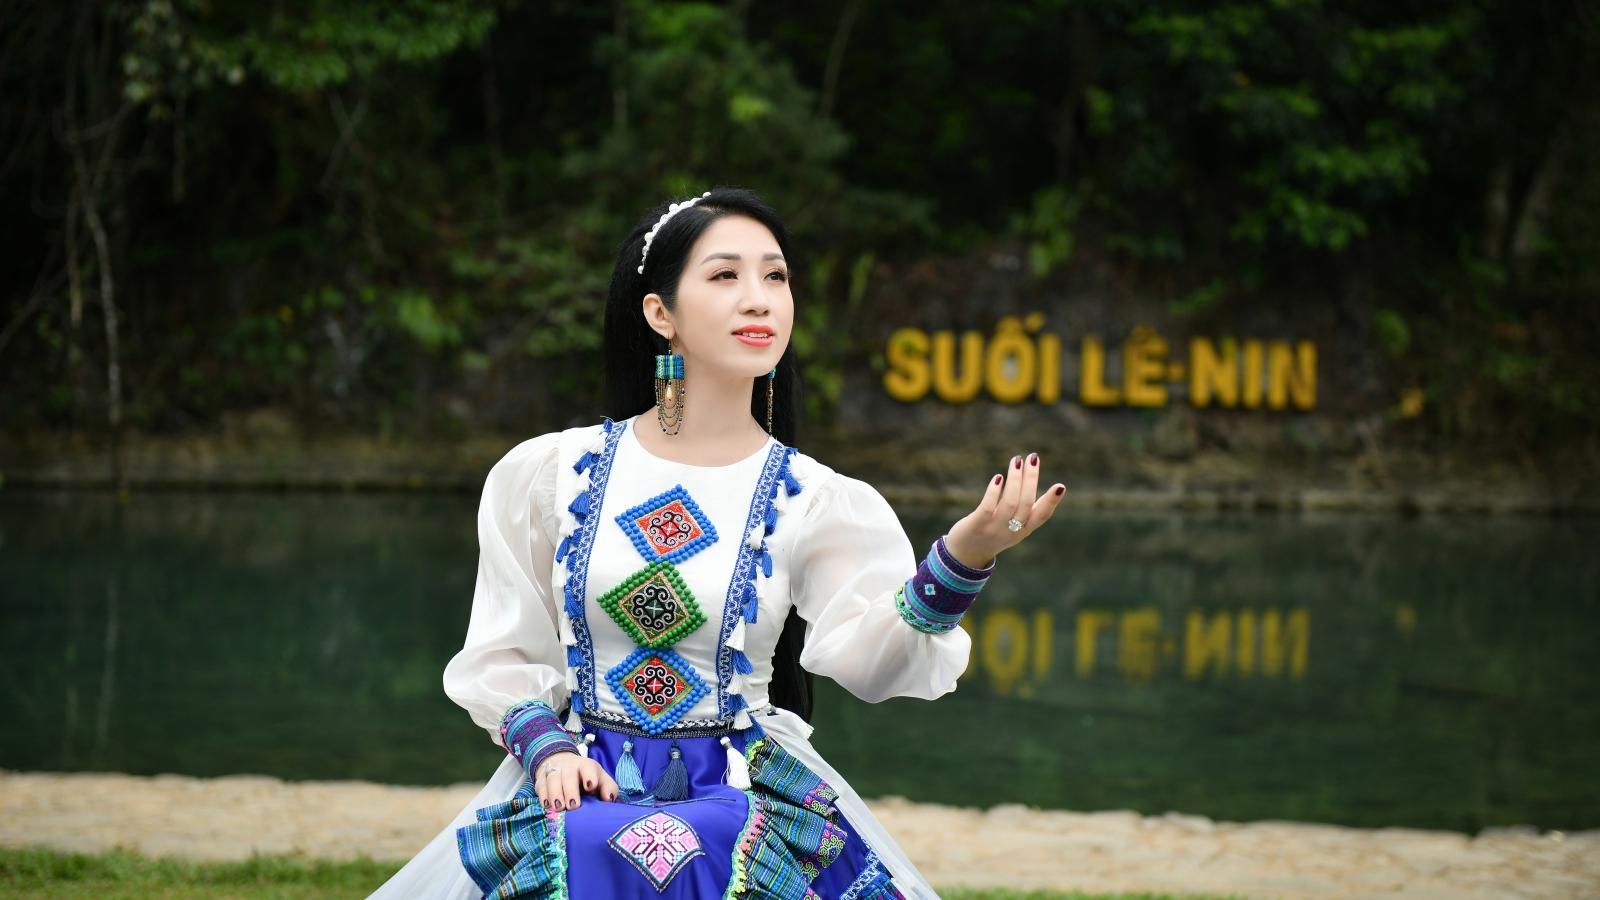 """Phương Nga ra mắt album """"Tiếng hát giữa rừng Pác Bó"""" mừng sinh nhật Bác"""